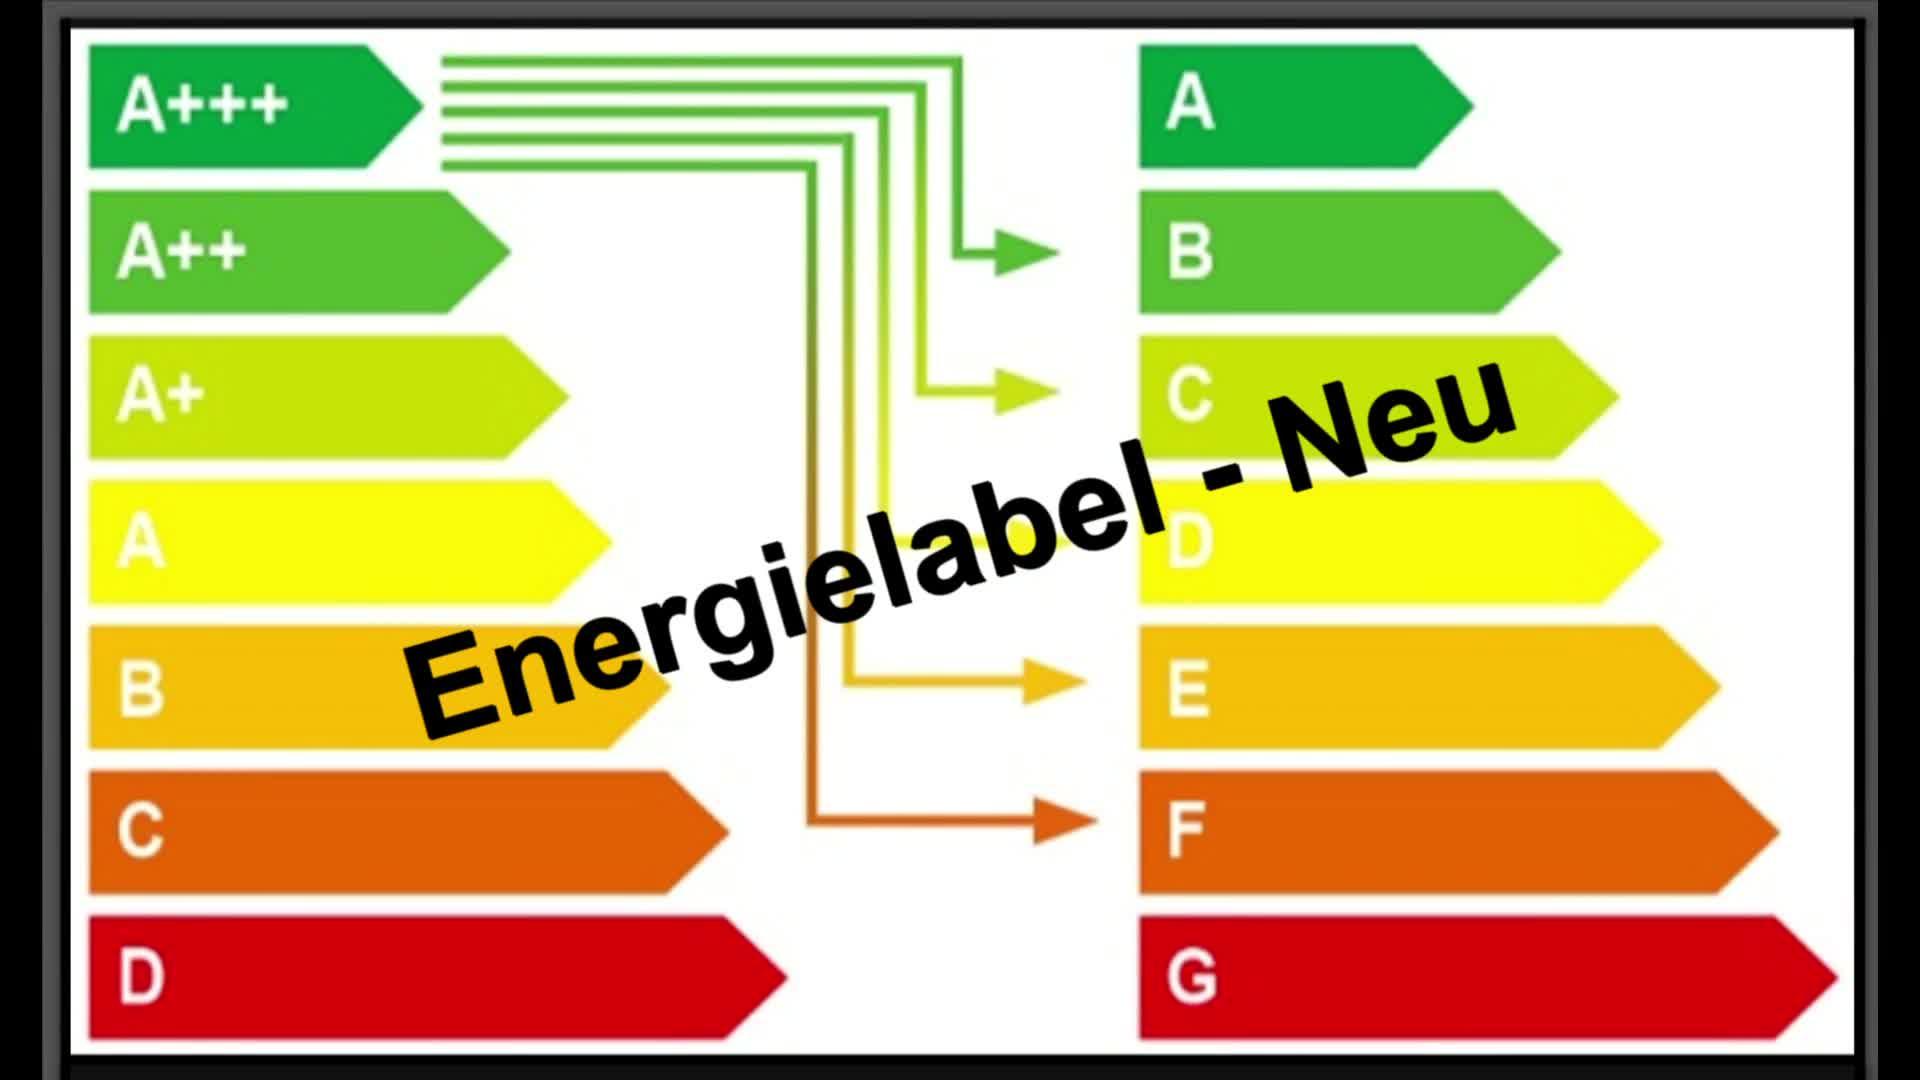 Energielabel - Neu